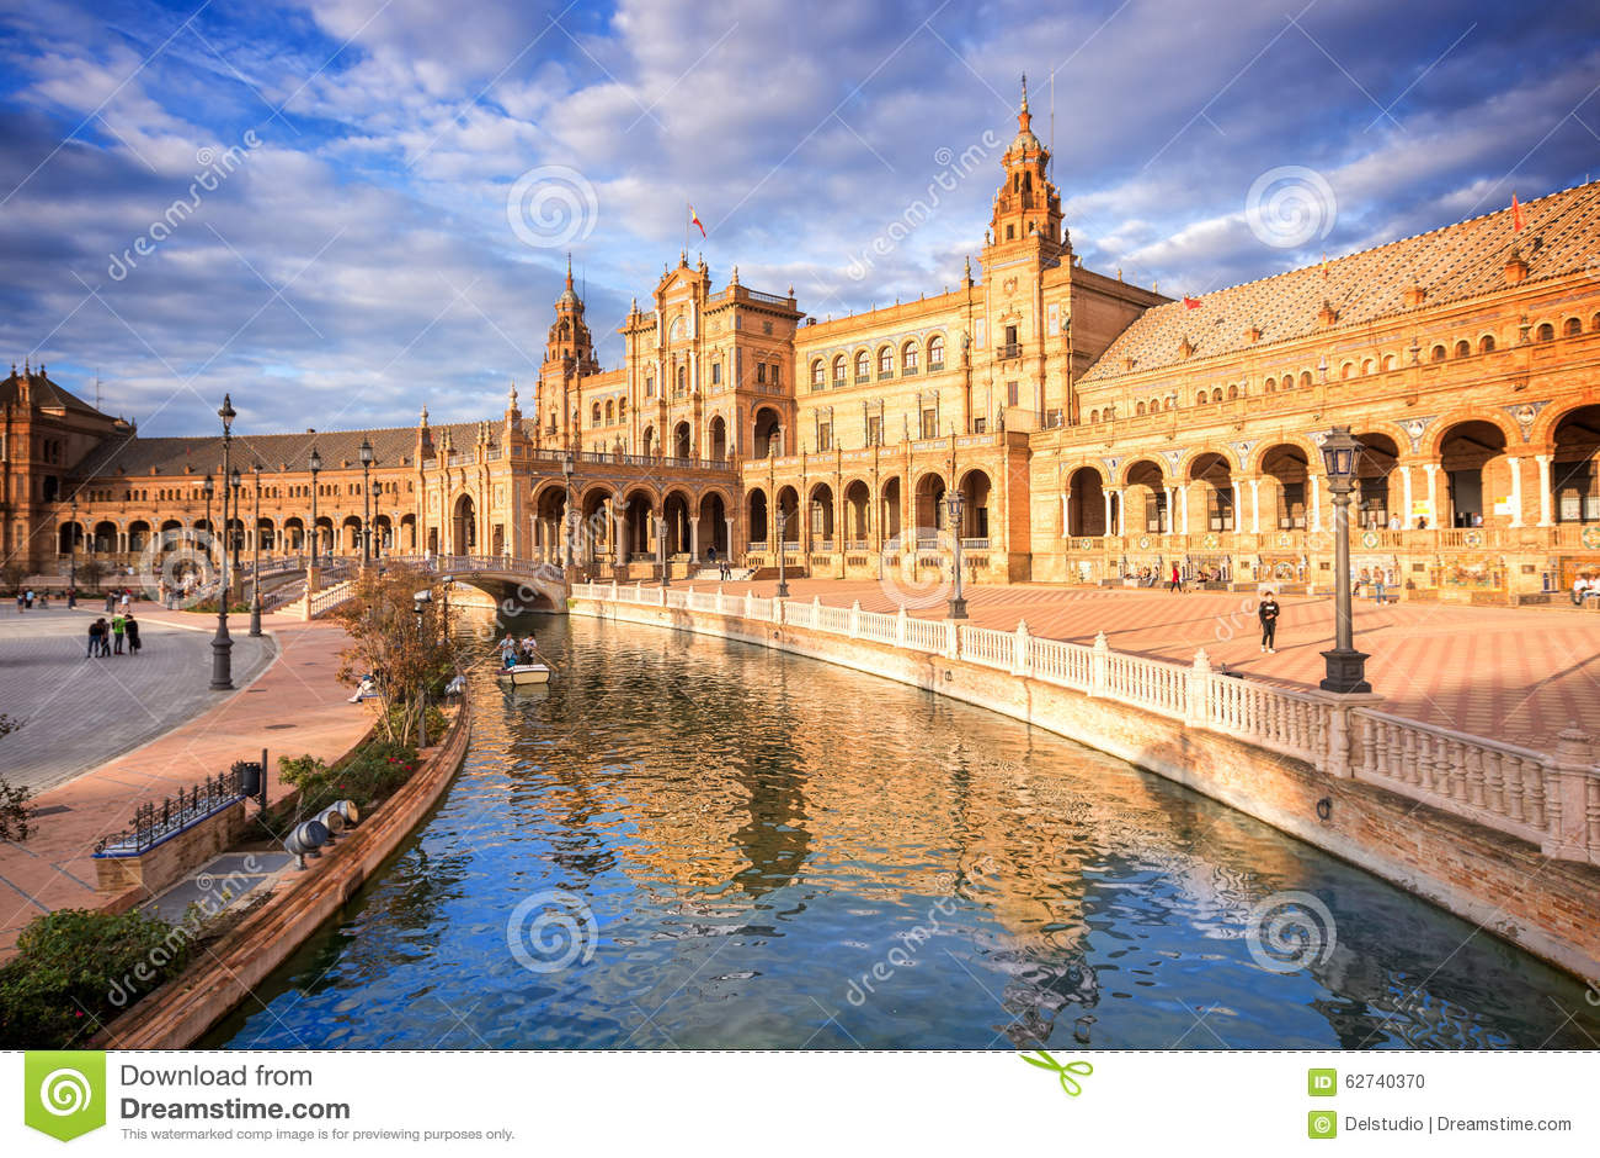 Plaza DE Espana (het vierkant van Spanje) in Sevilla, Spanje